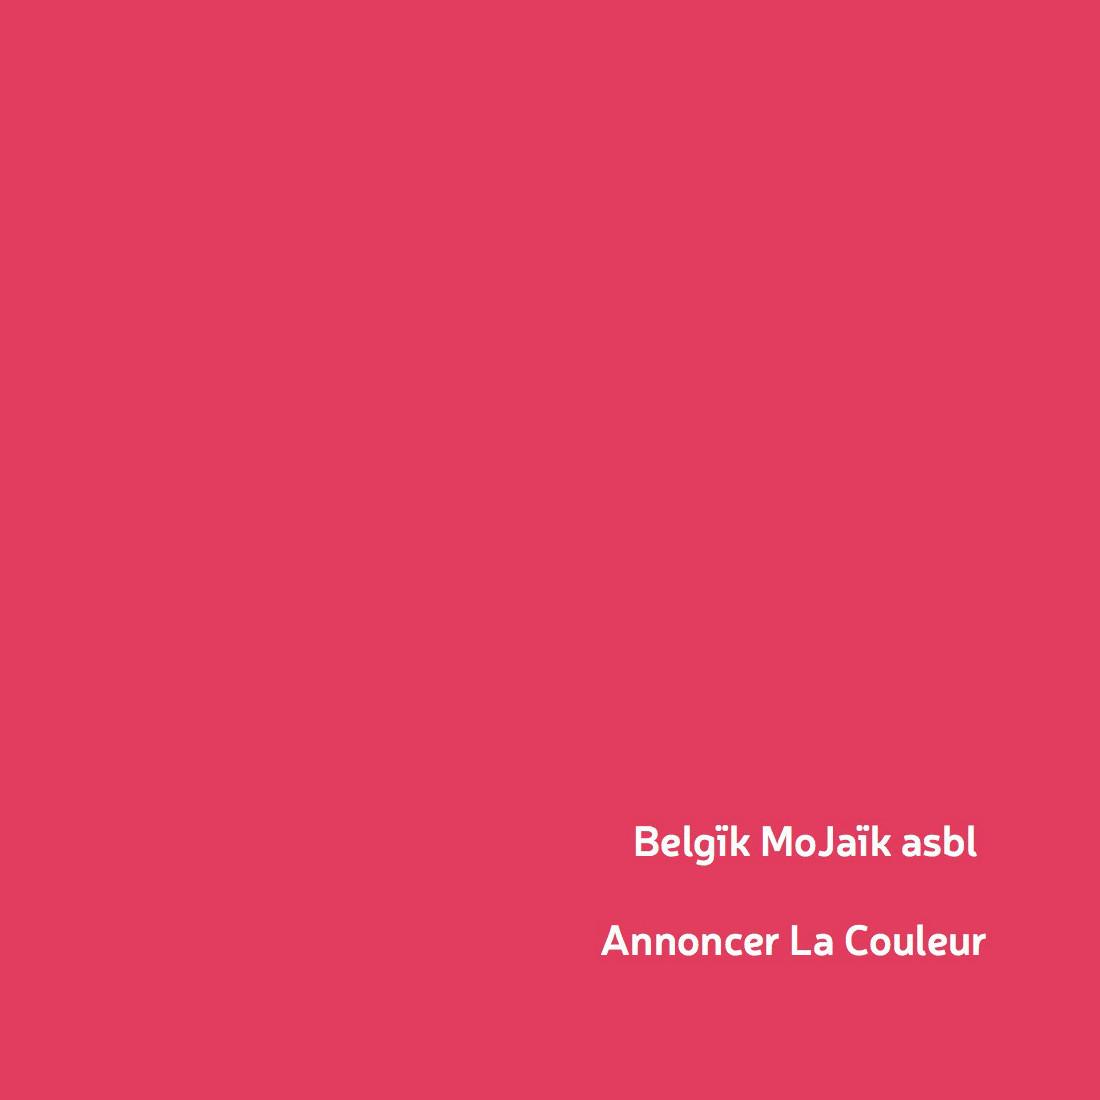 belgik-mojaik-outil-pedagogique-jeunes-cultures-du-corps-illu-2-partenaire